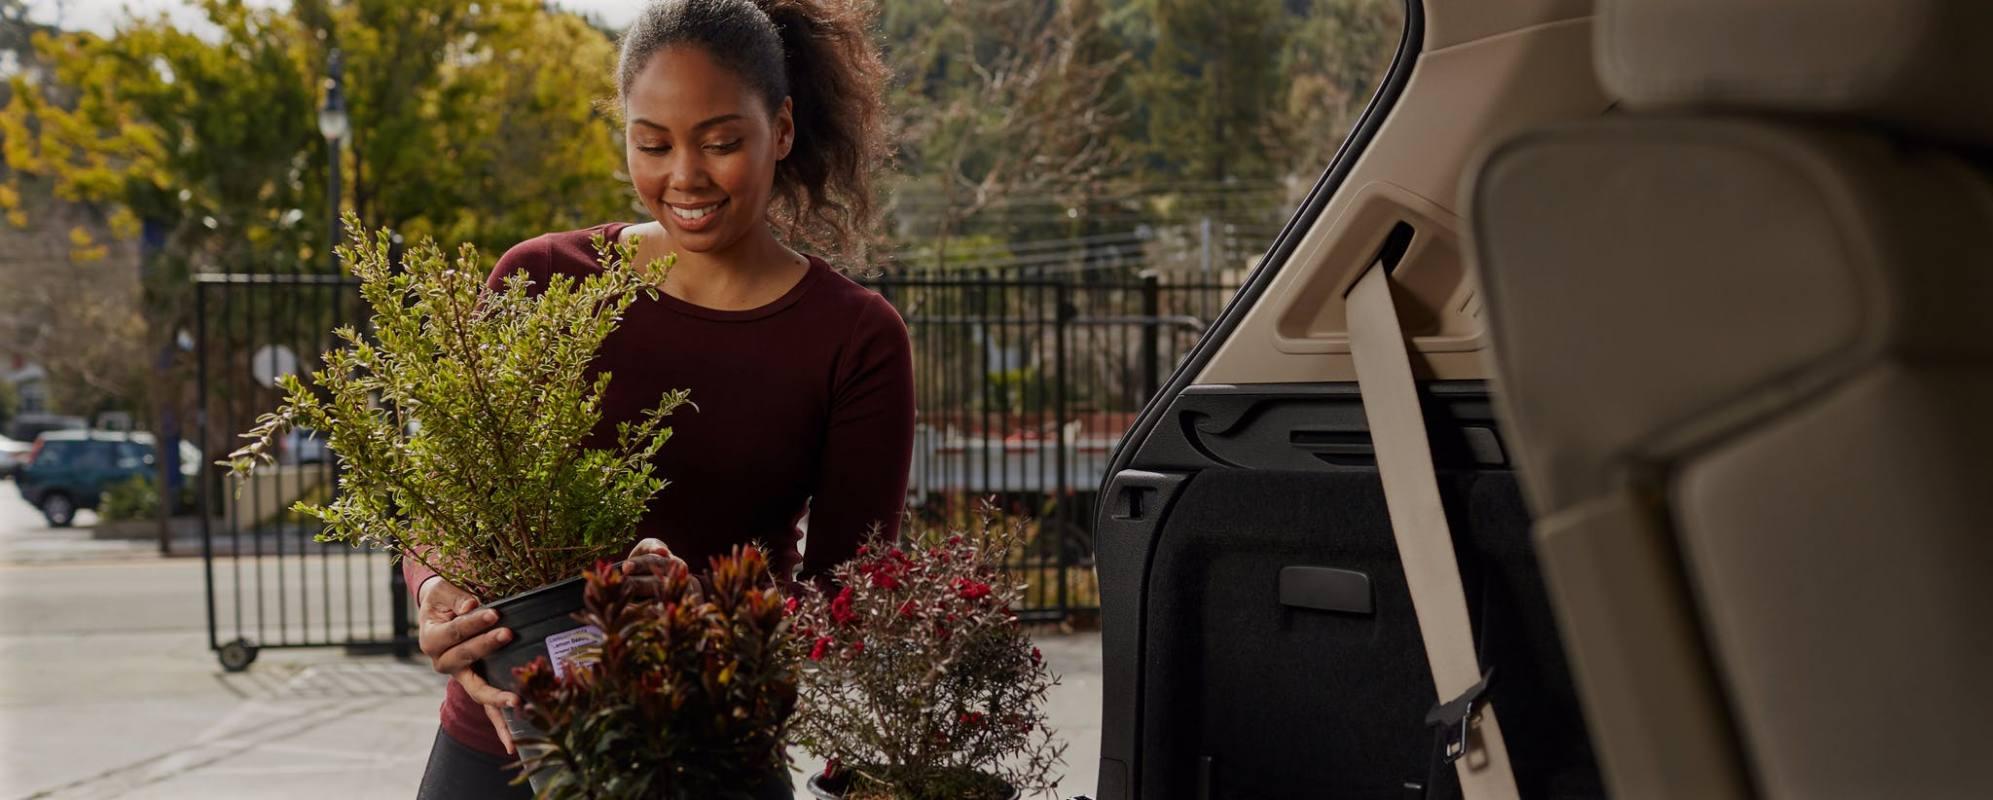 00-Shift_Car_Sales-hauling-plants_female